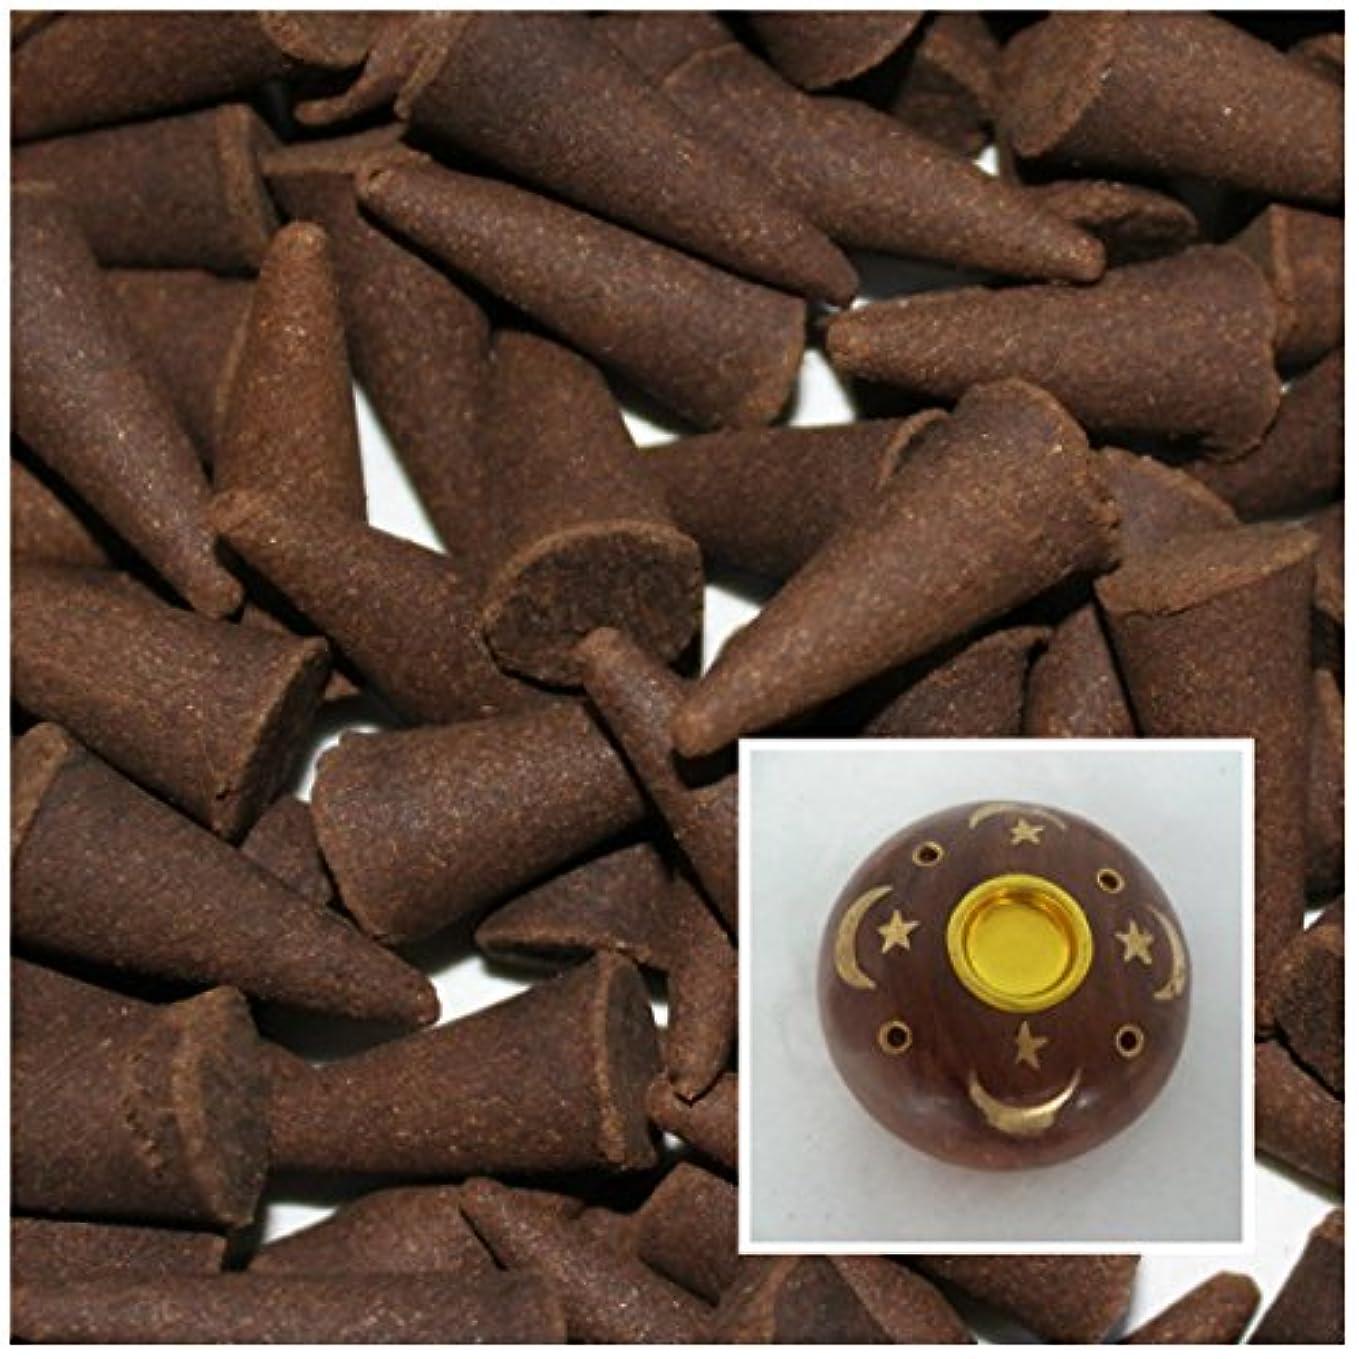 不十分なエラー最小化するIncense Cones 50 Bulk Pack Plus Holder: Frankincense and Myrrh by Rainbowrecords239